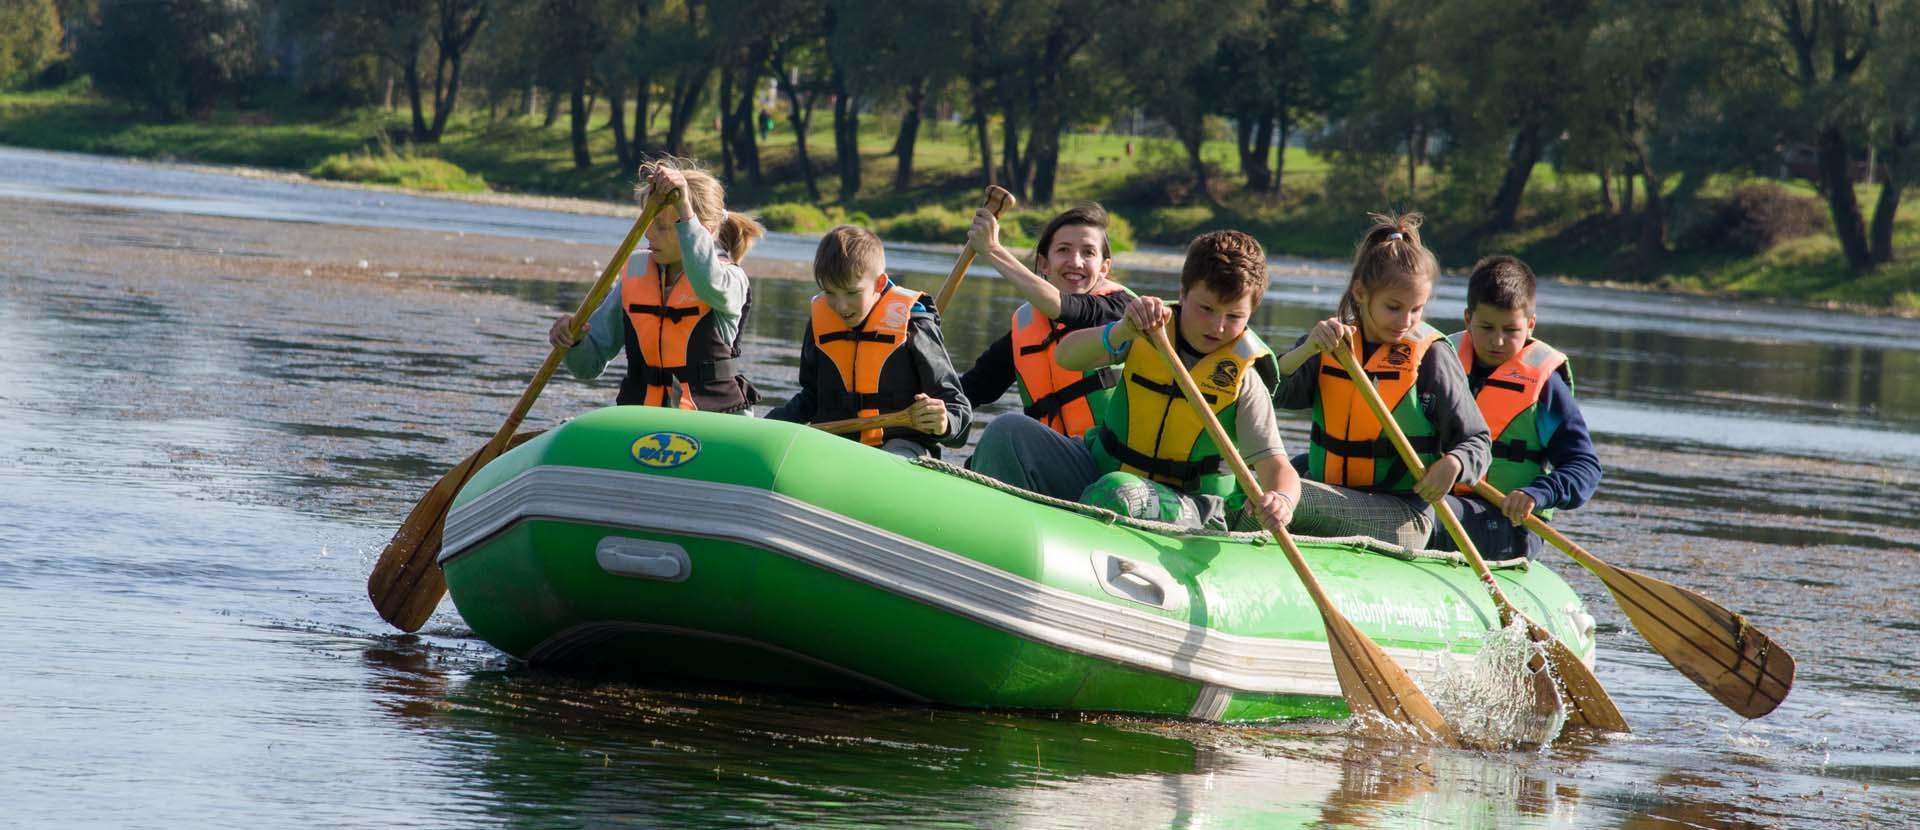 spływy-pontonowe-atrackje-dla szkół-bieszczady